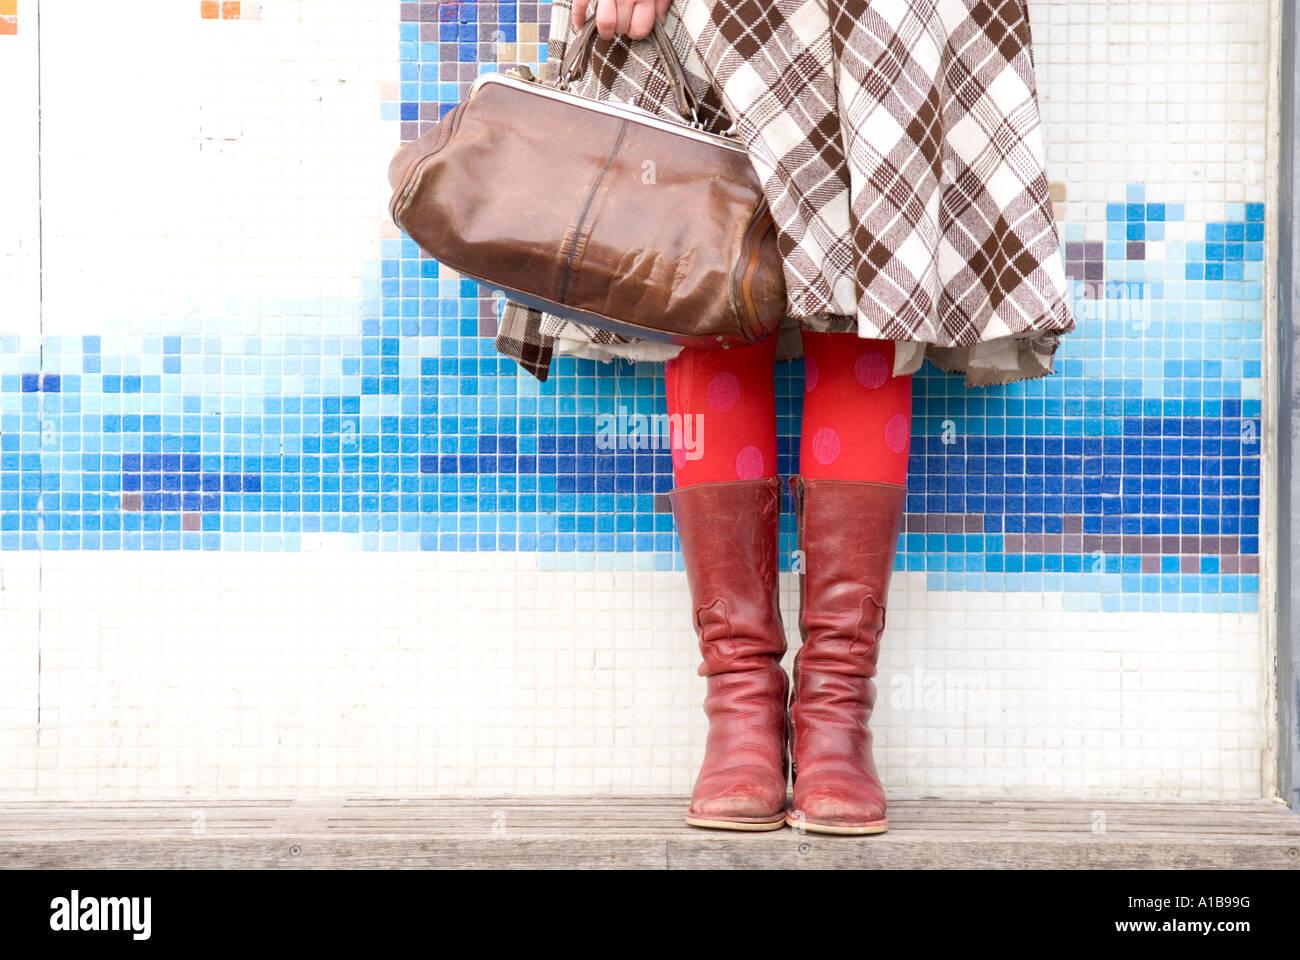 einen verkürzten Blick auf eine weibliche Beine stehen gegen eine moderne Wand bedeckt mit eleganten bunten Stockbild